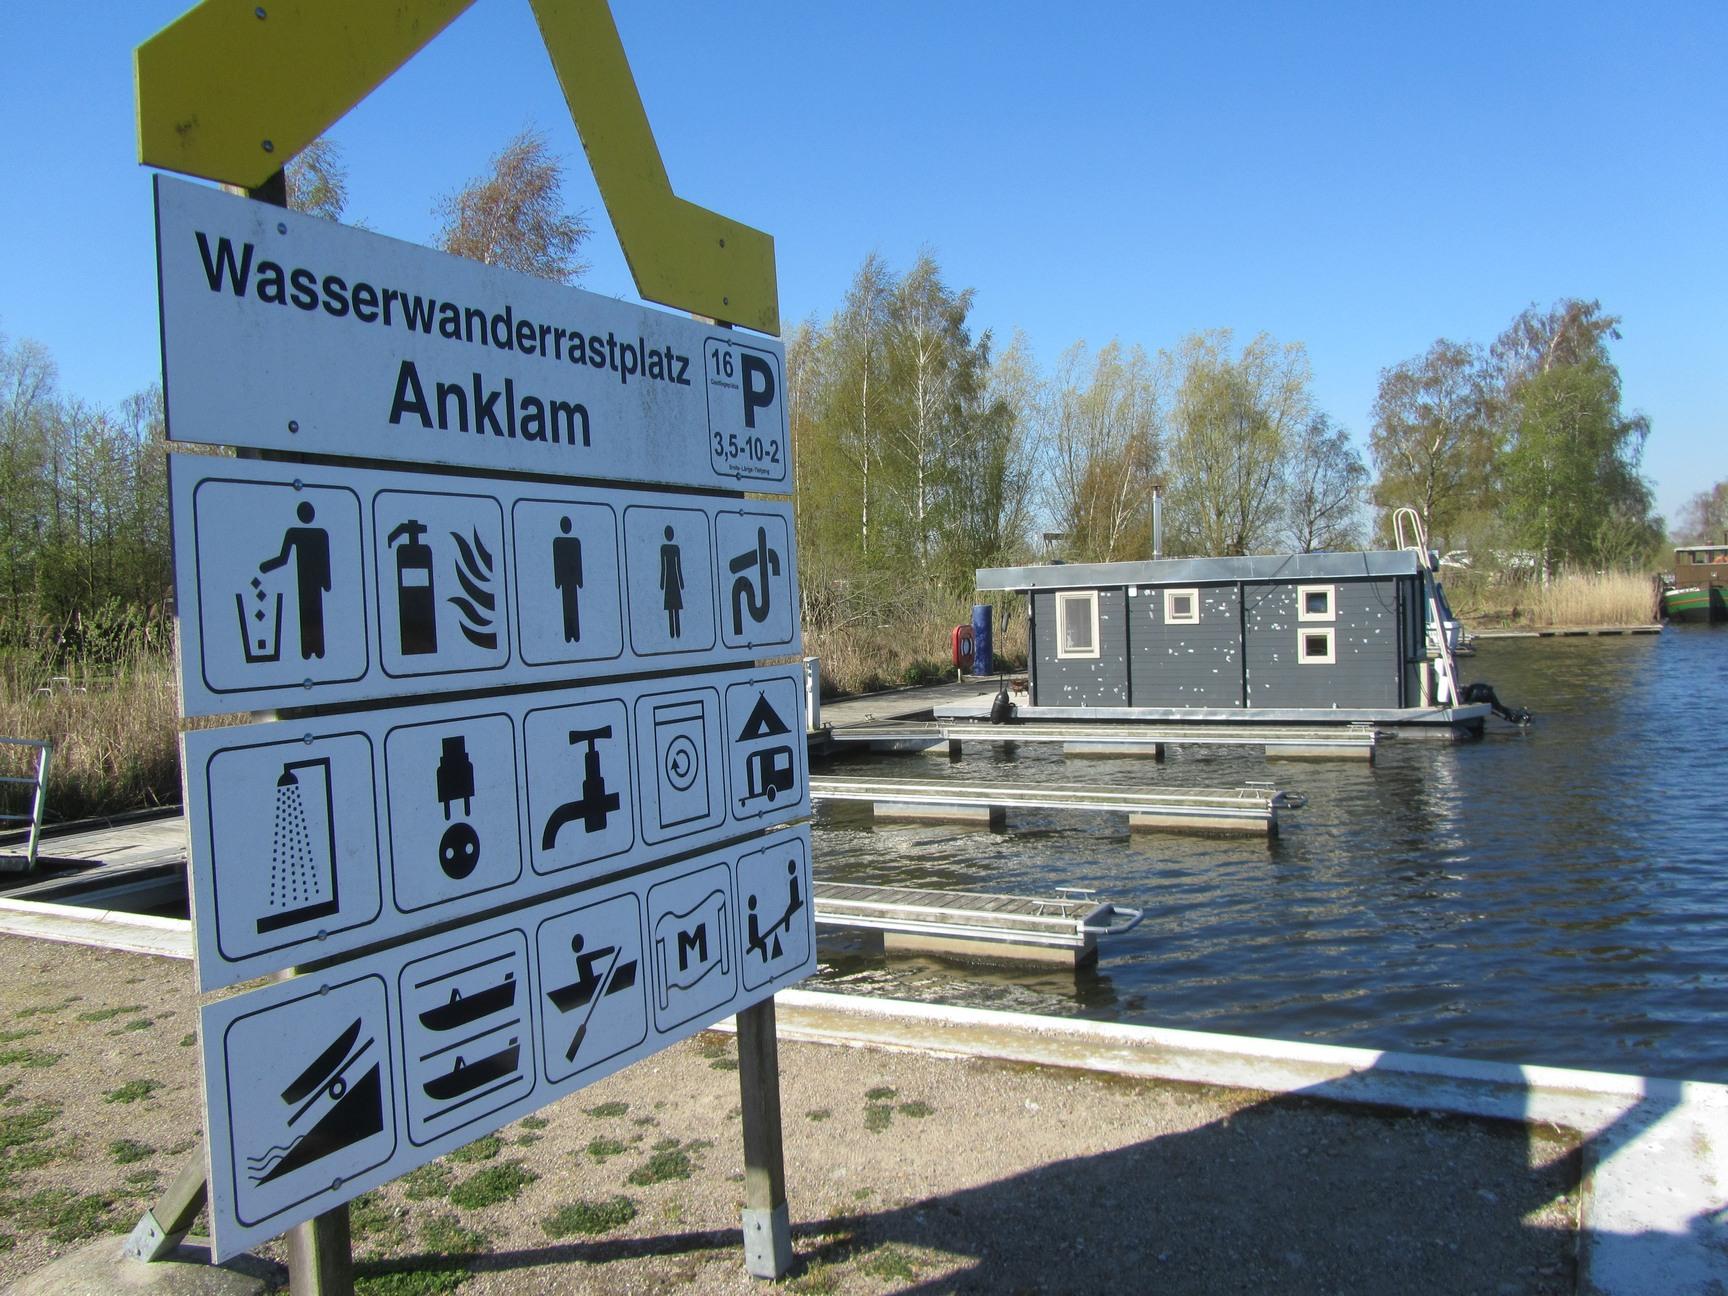 Wasserwanderrastplatz Anklam